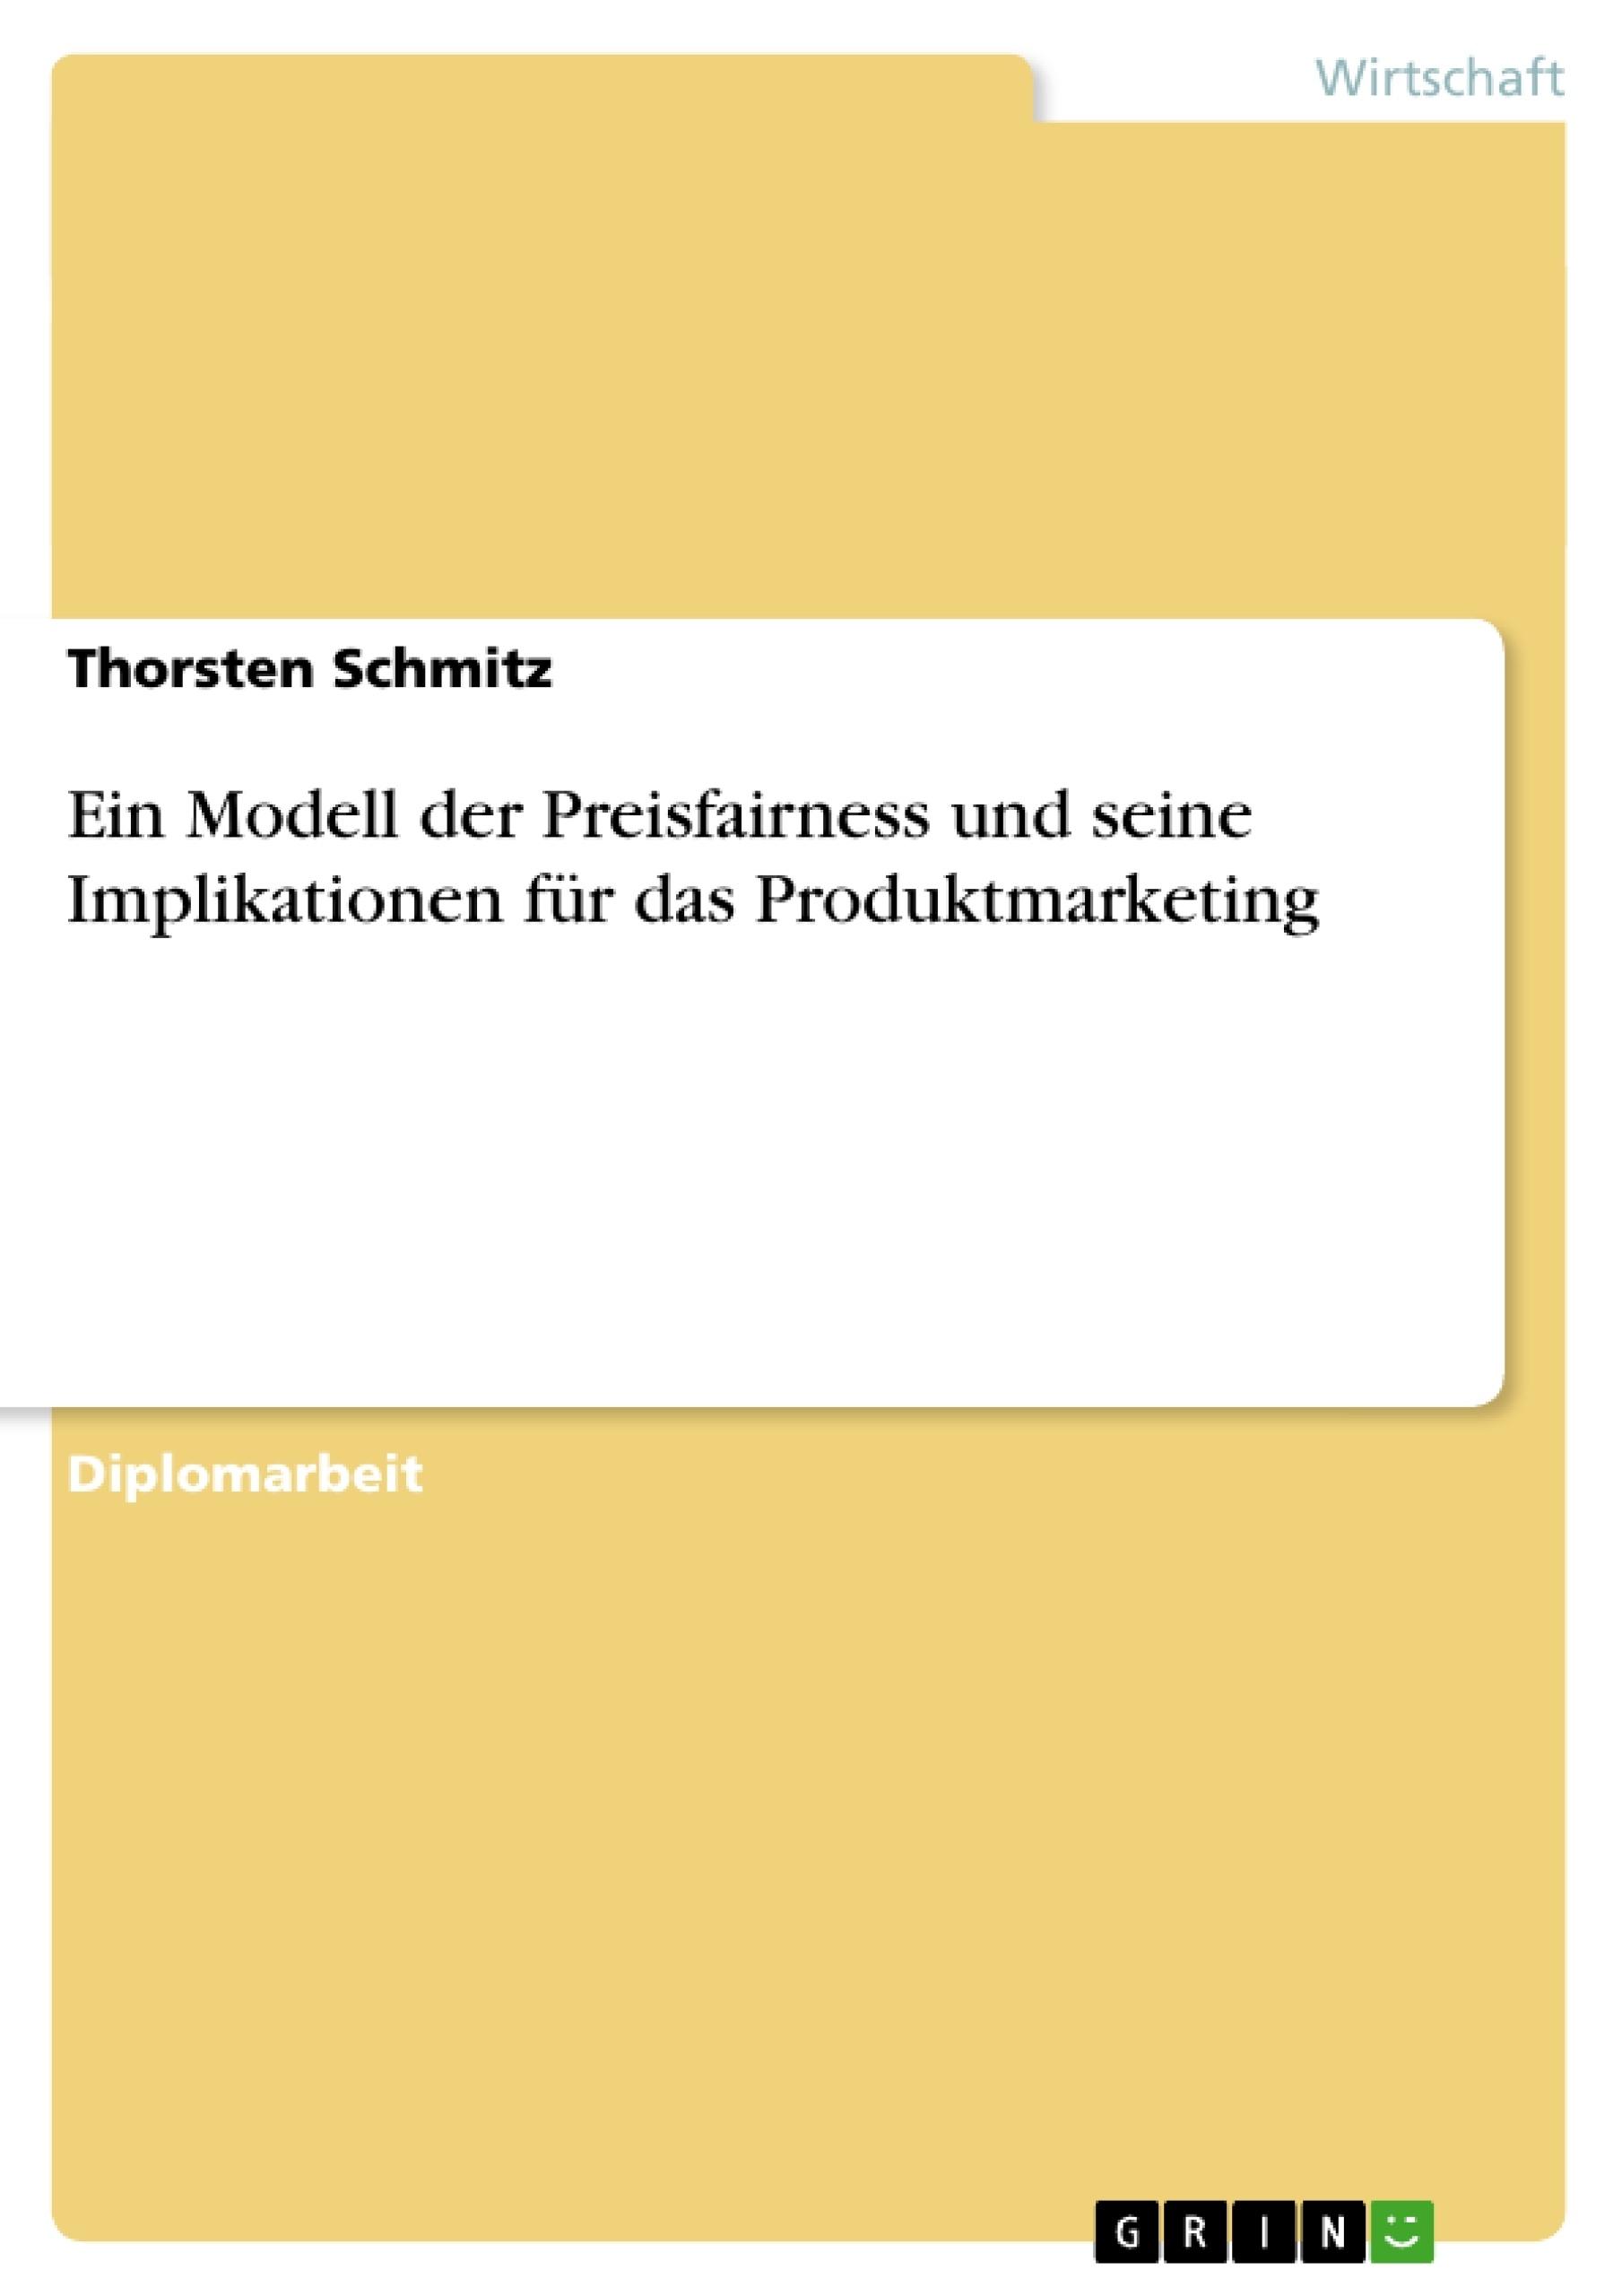 Titel: Ein Modell der Preisfairness und seine Implikationen für das Produktmarketing